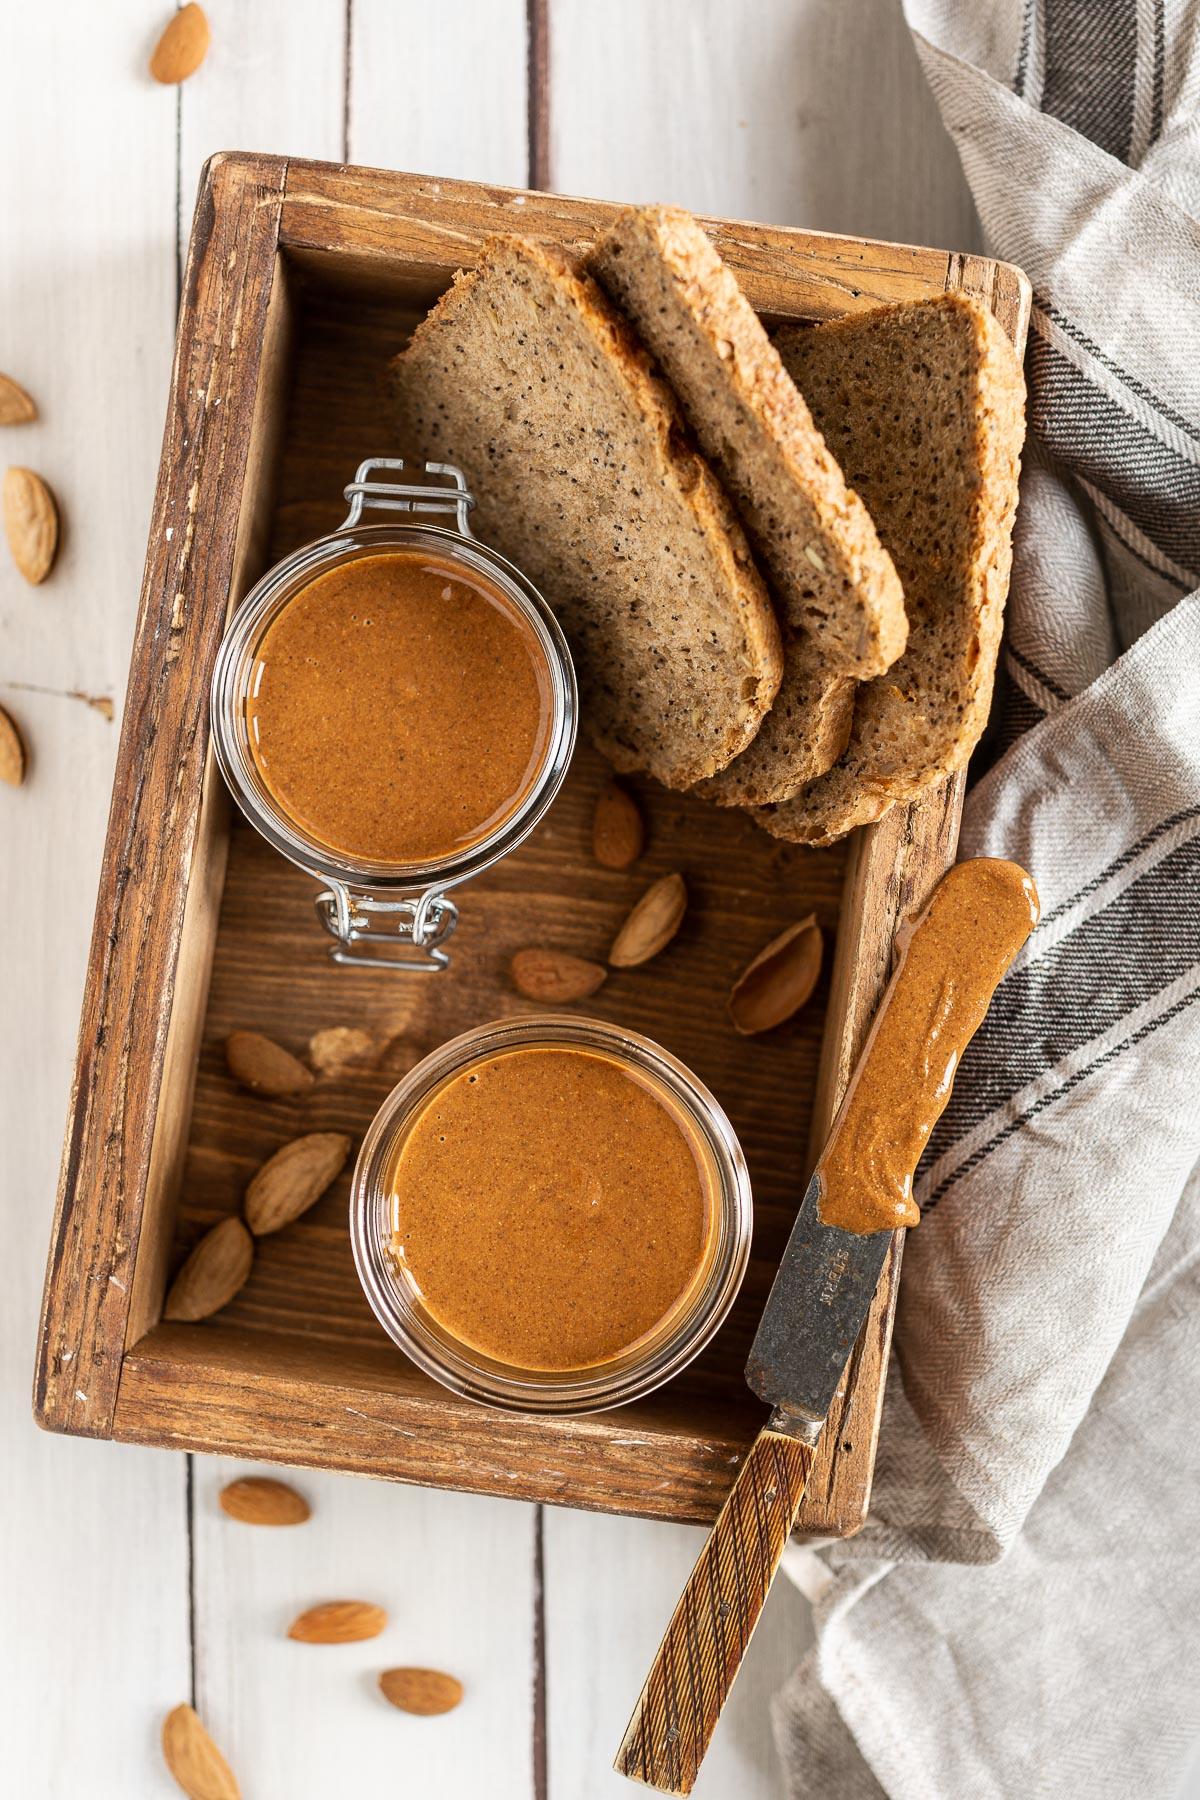 Homemade activated ALMOND BUTTER #vegan strawberry almond butter toast ricetta BURRO di MANDORLE attivate disidratate fatto in casa colazione TOAST con fragole